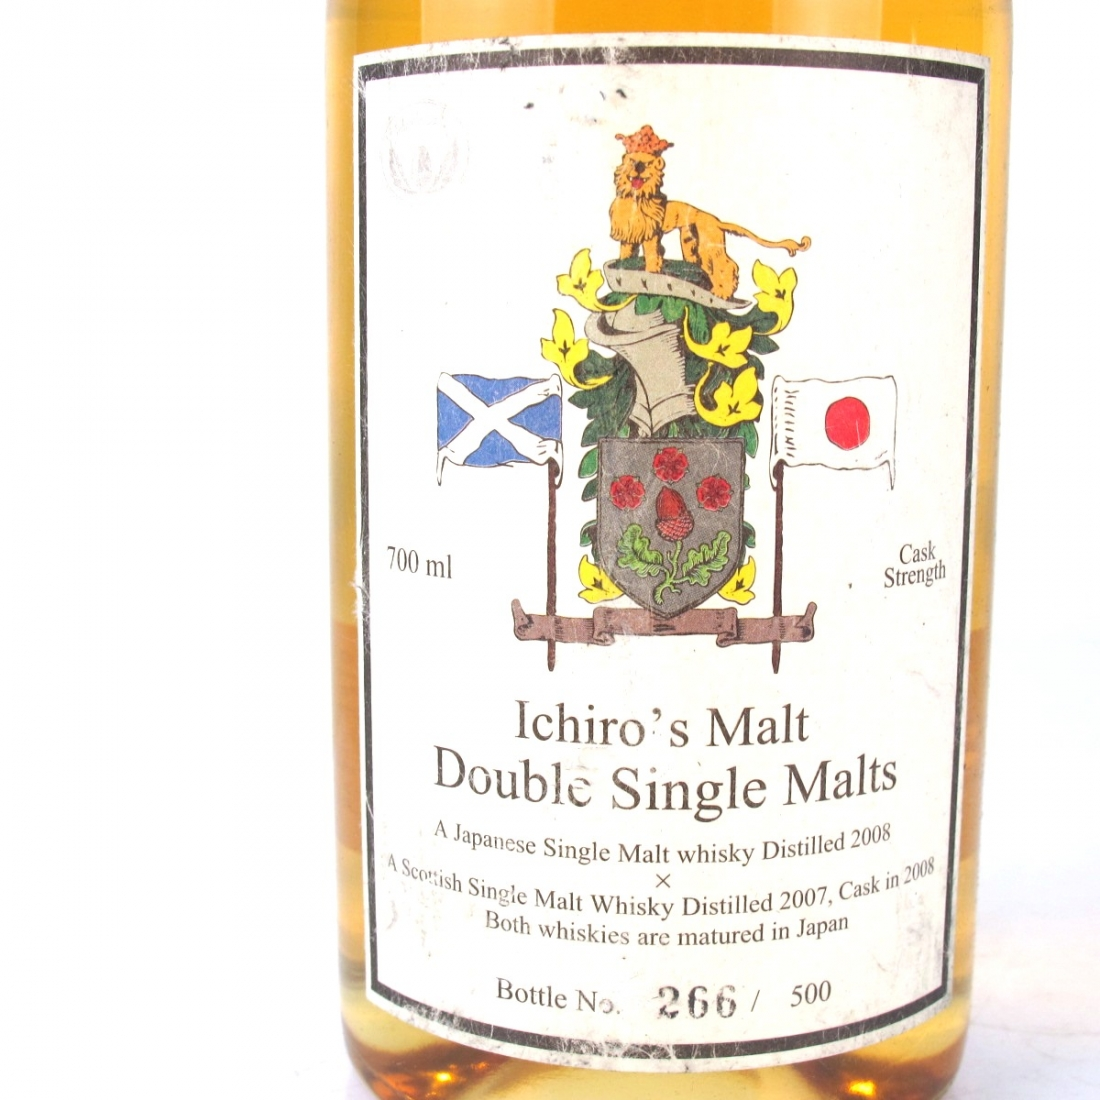 Ichiro's Malt Double Single Malts